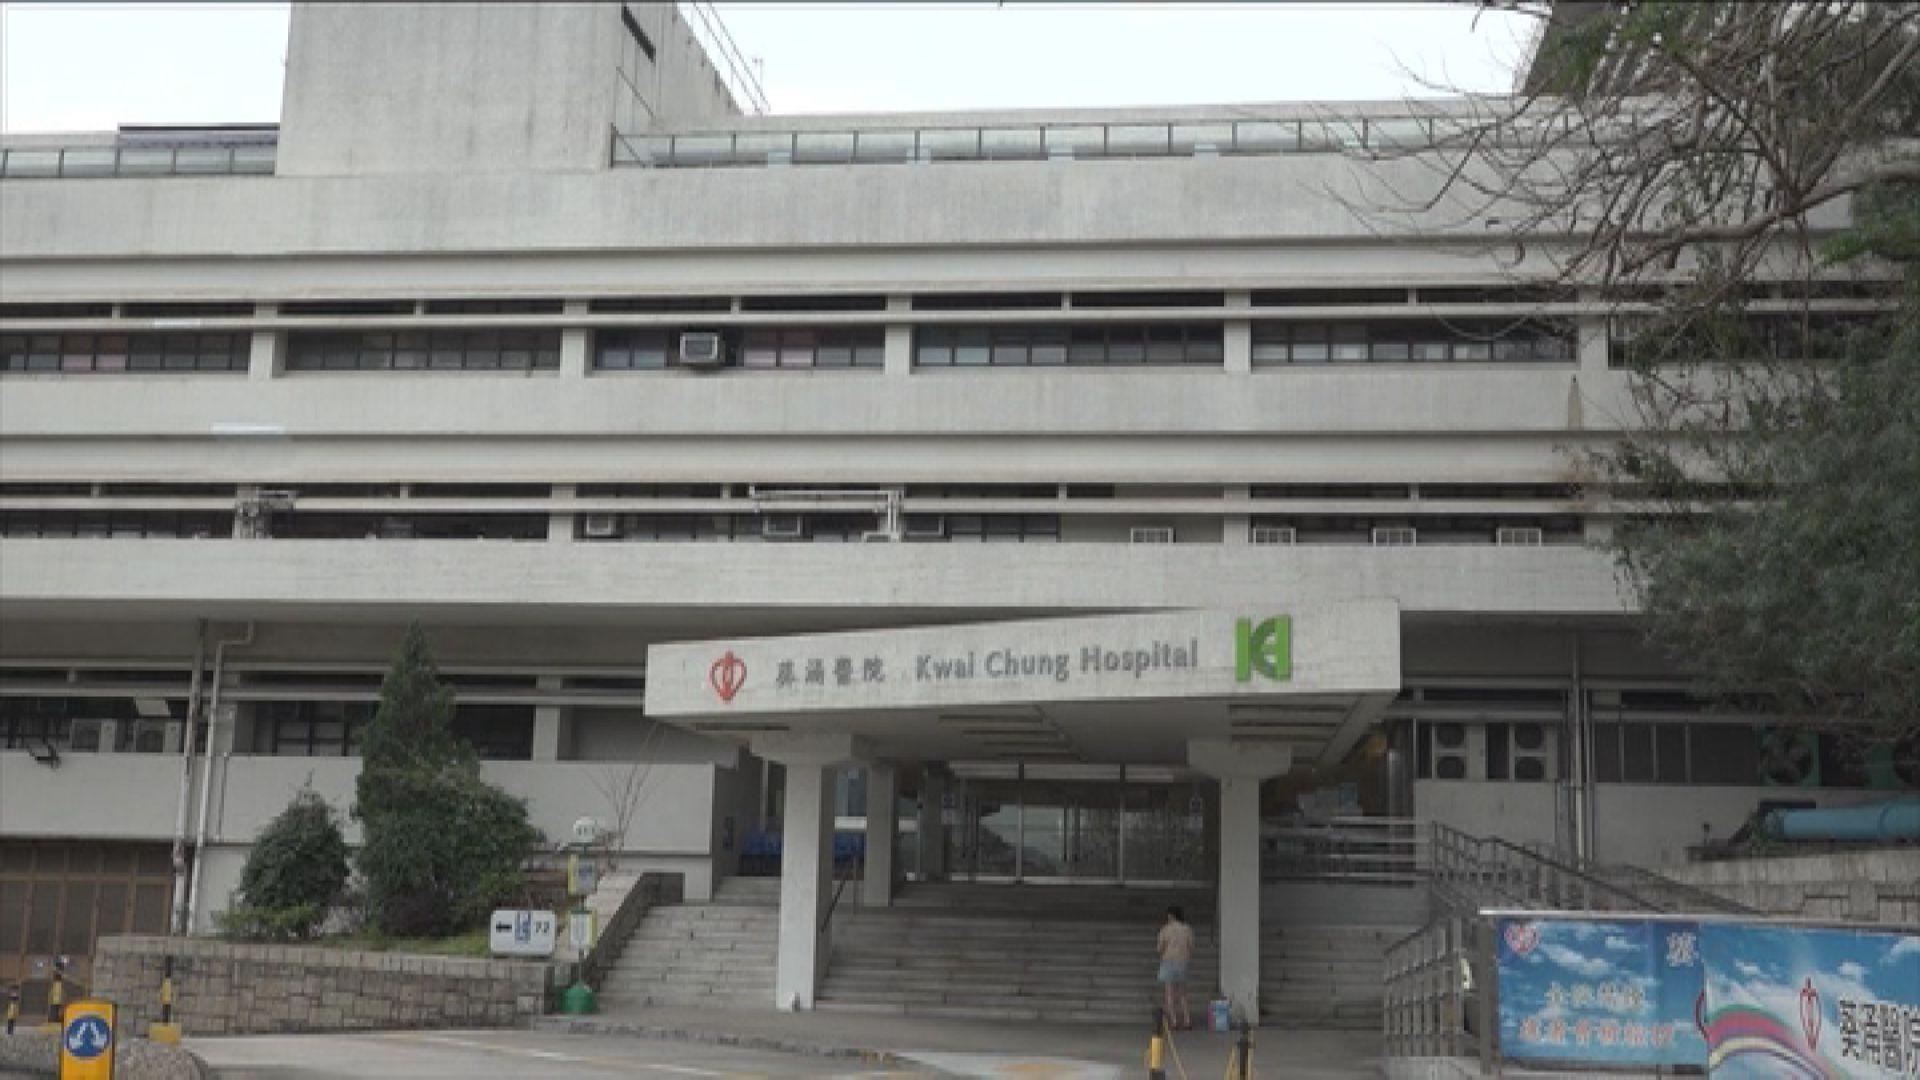 葵涌醫院病人受傷後死亡 警拘一男病人